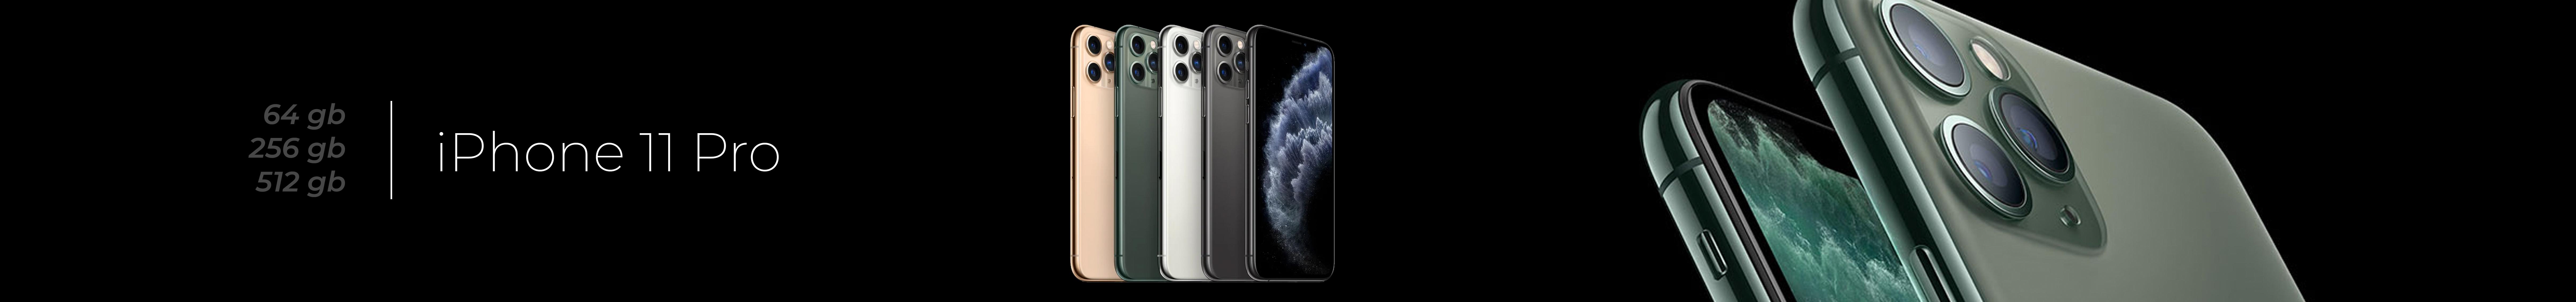 Móvil de caja abierta iPhone 11 Pro